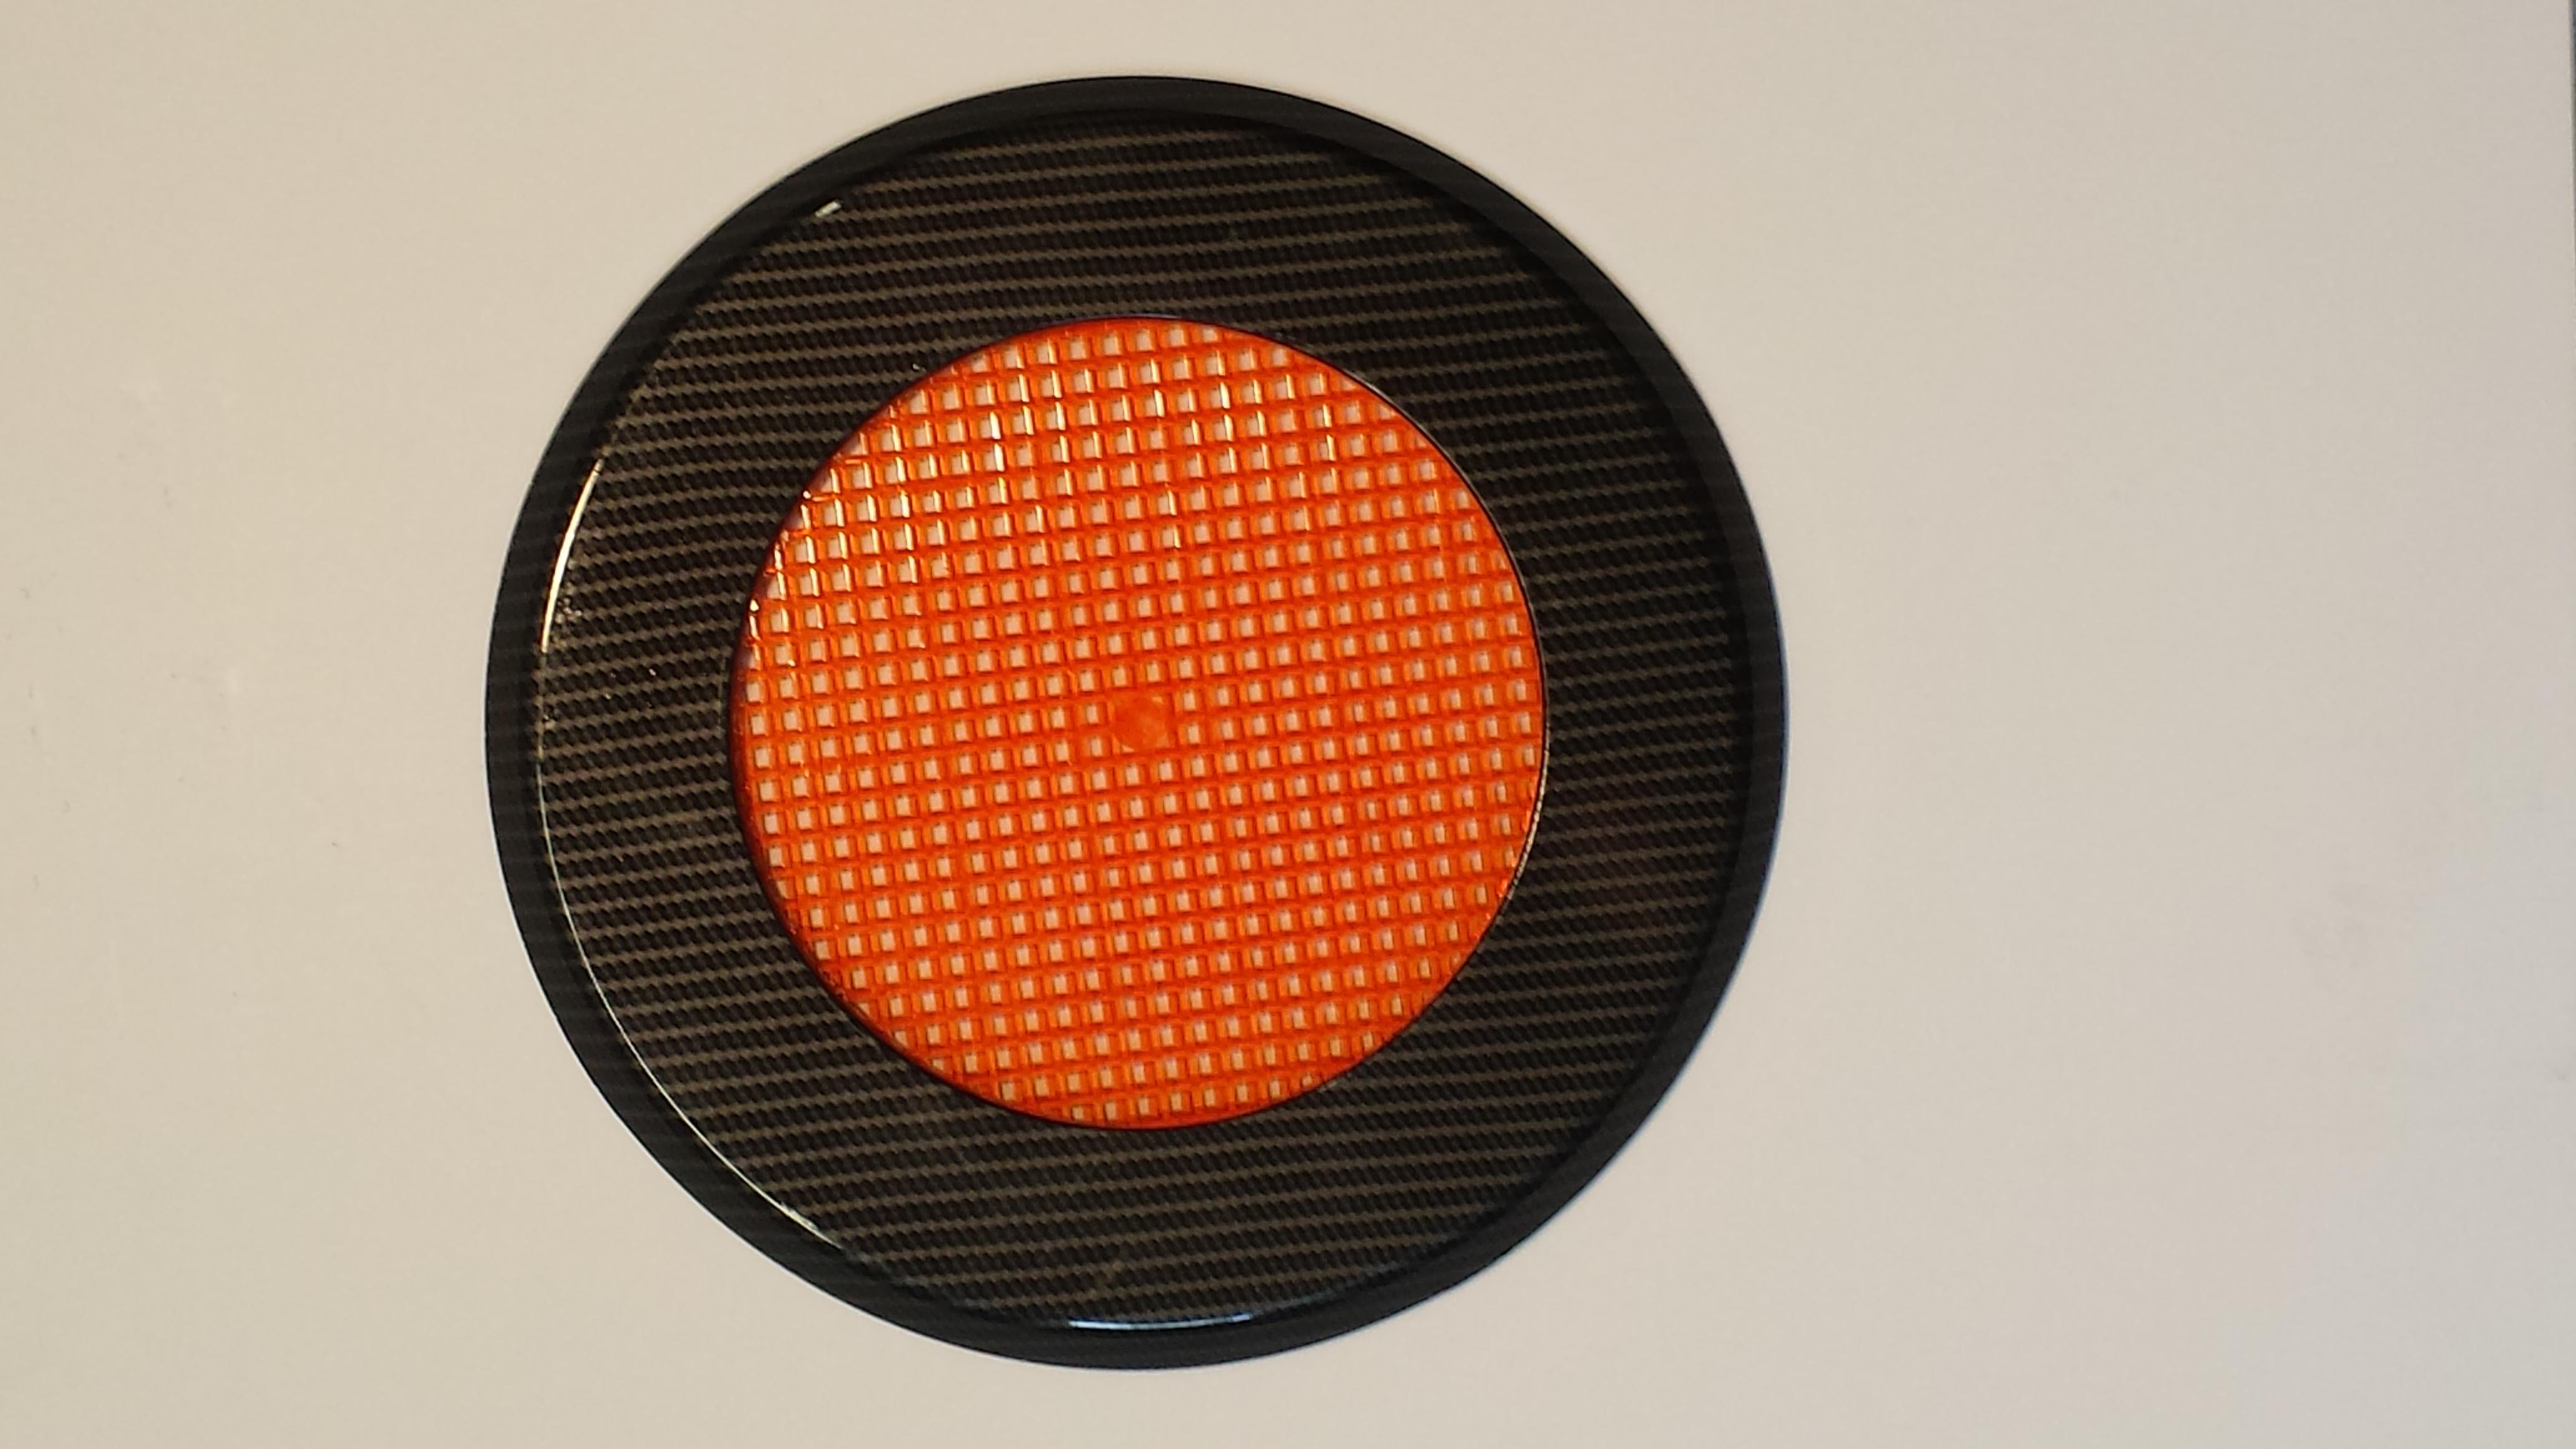 Pest Control Light Covers Springdale Ar